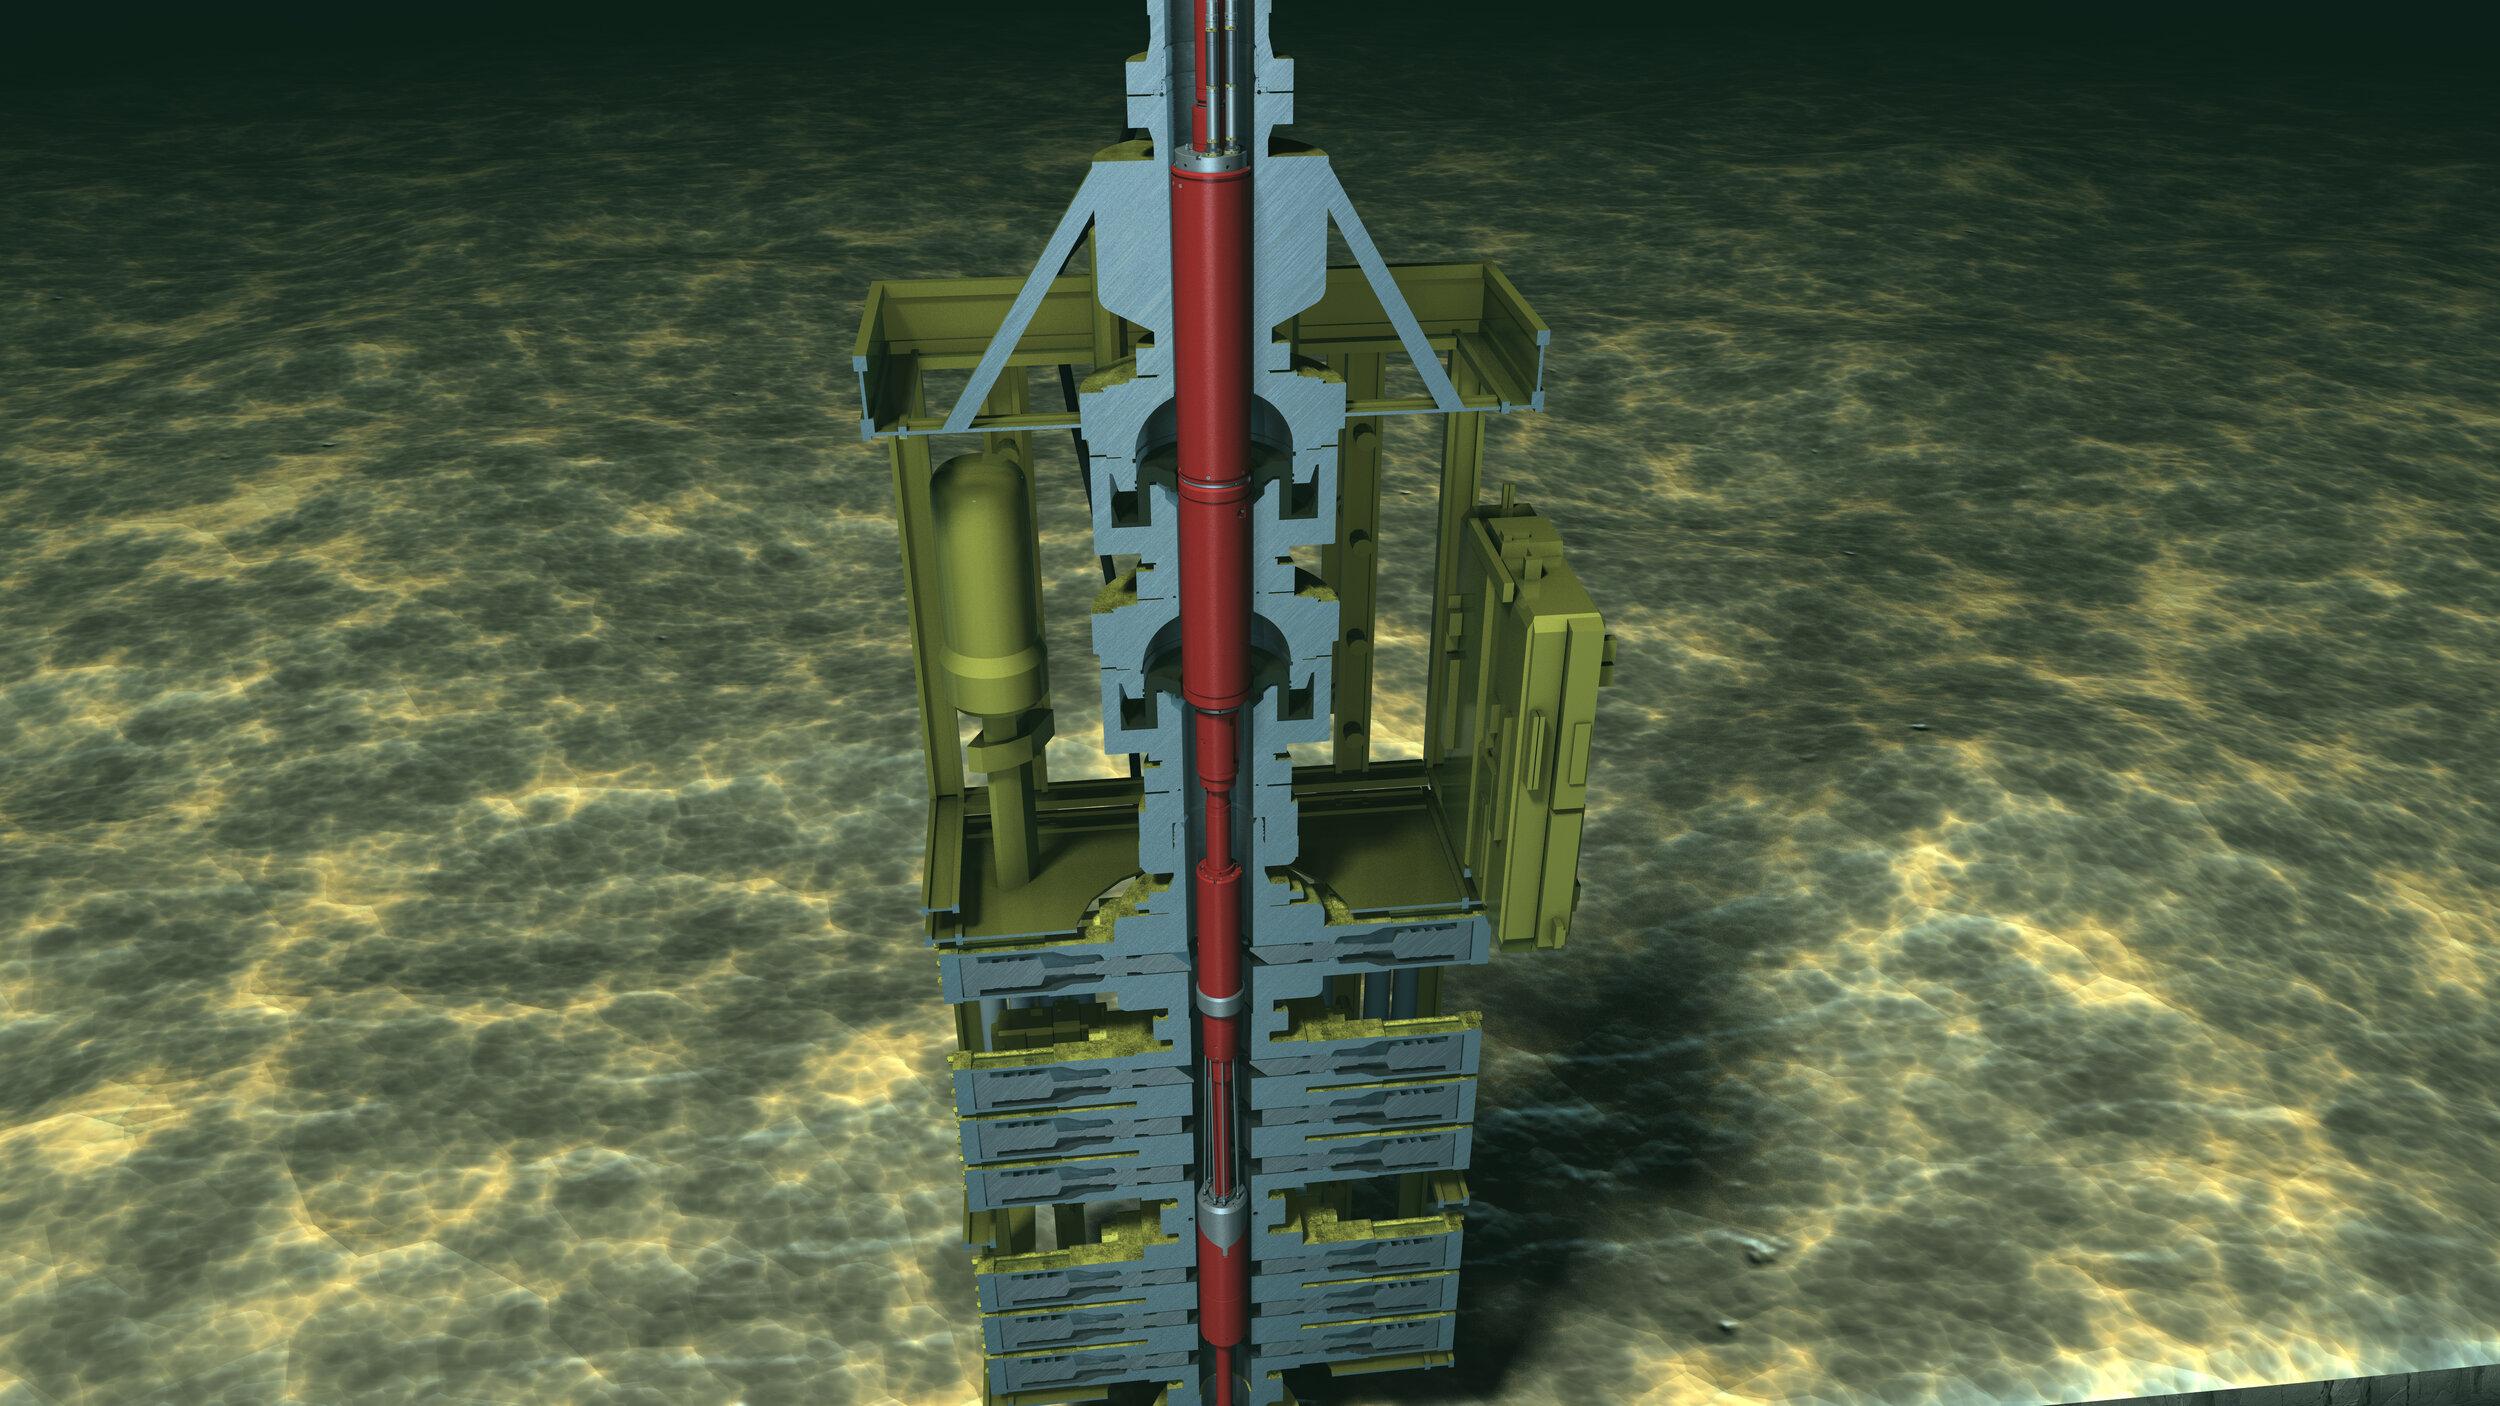 Reach deepwater reservoirs safely